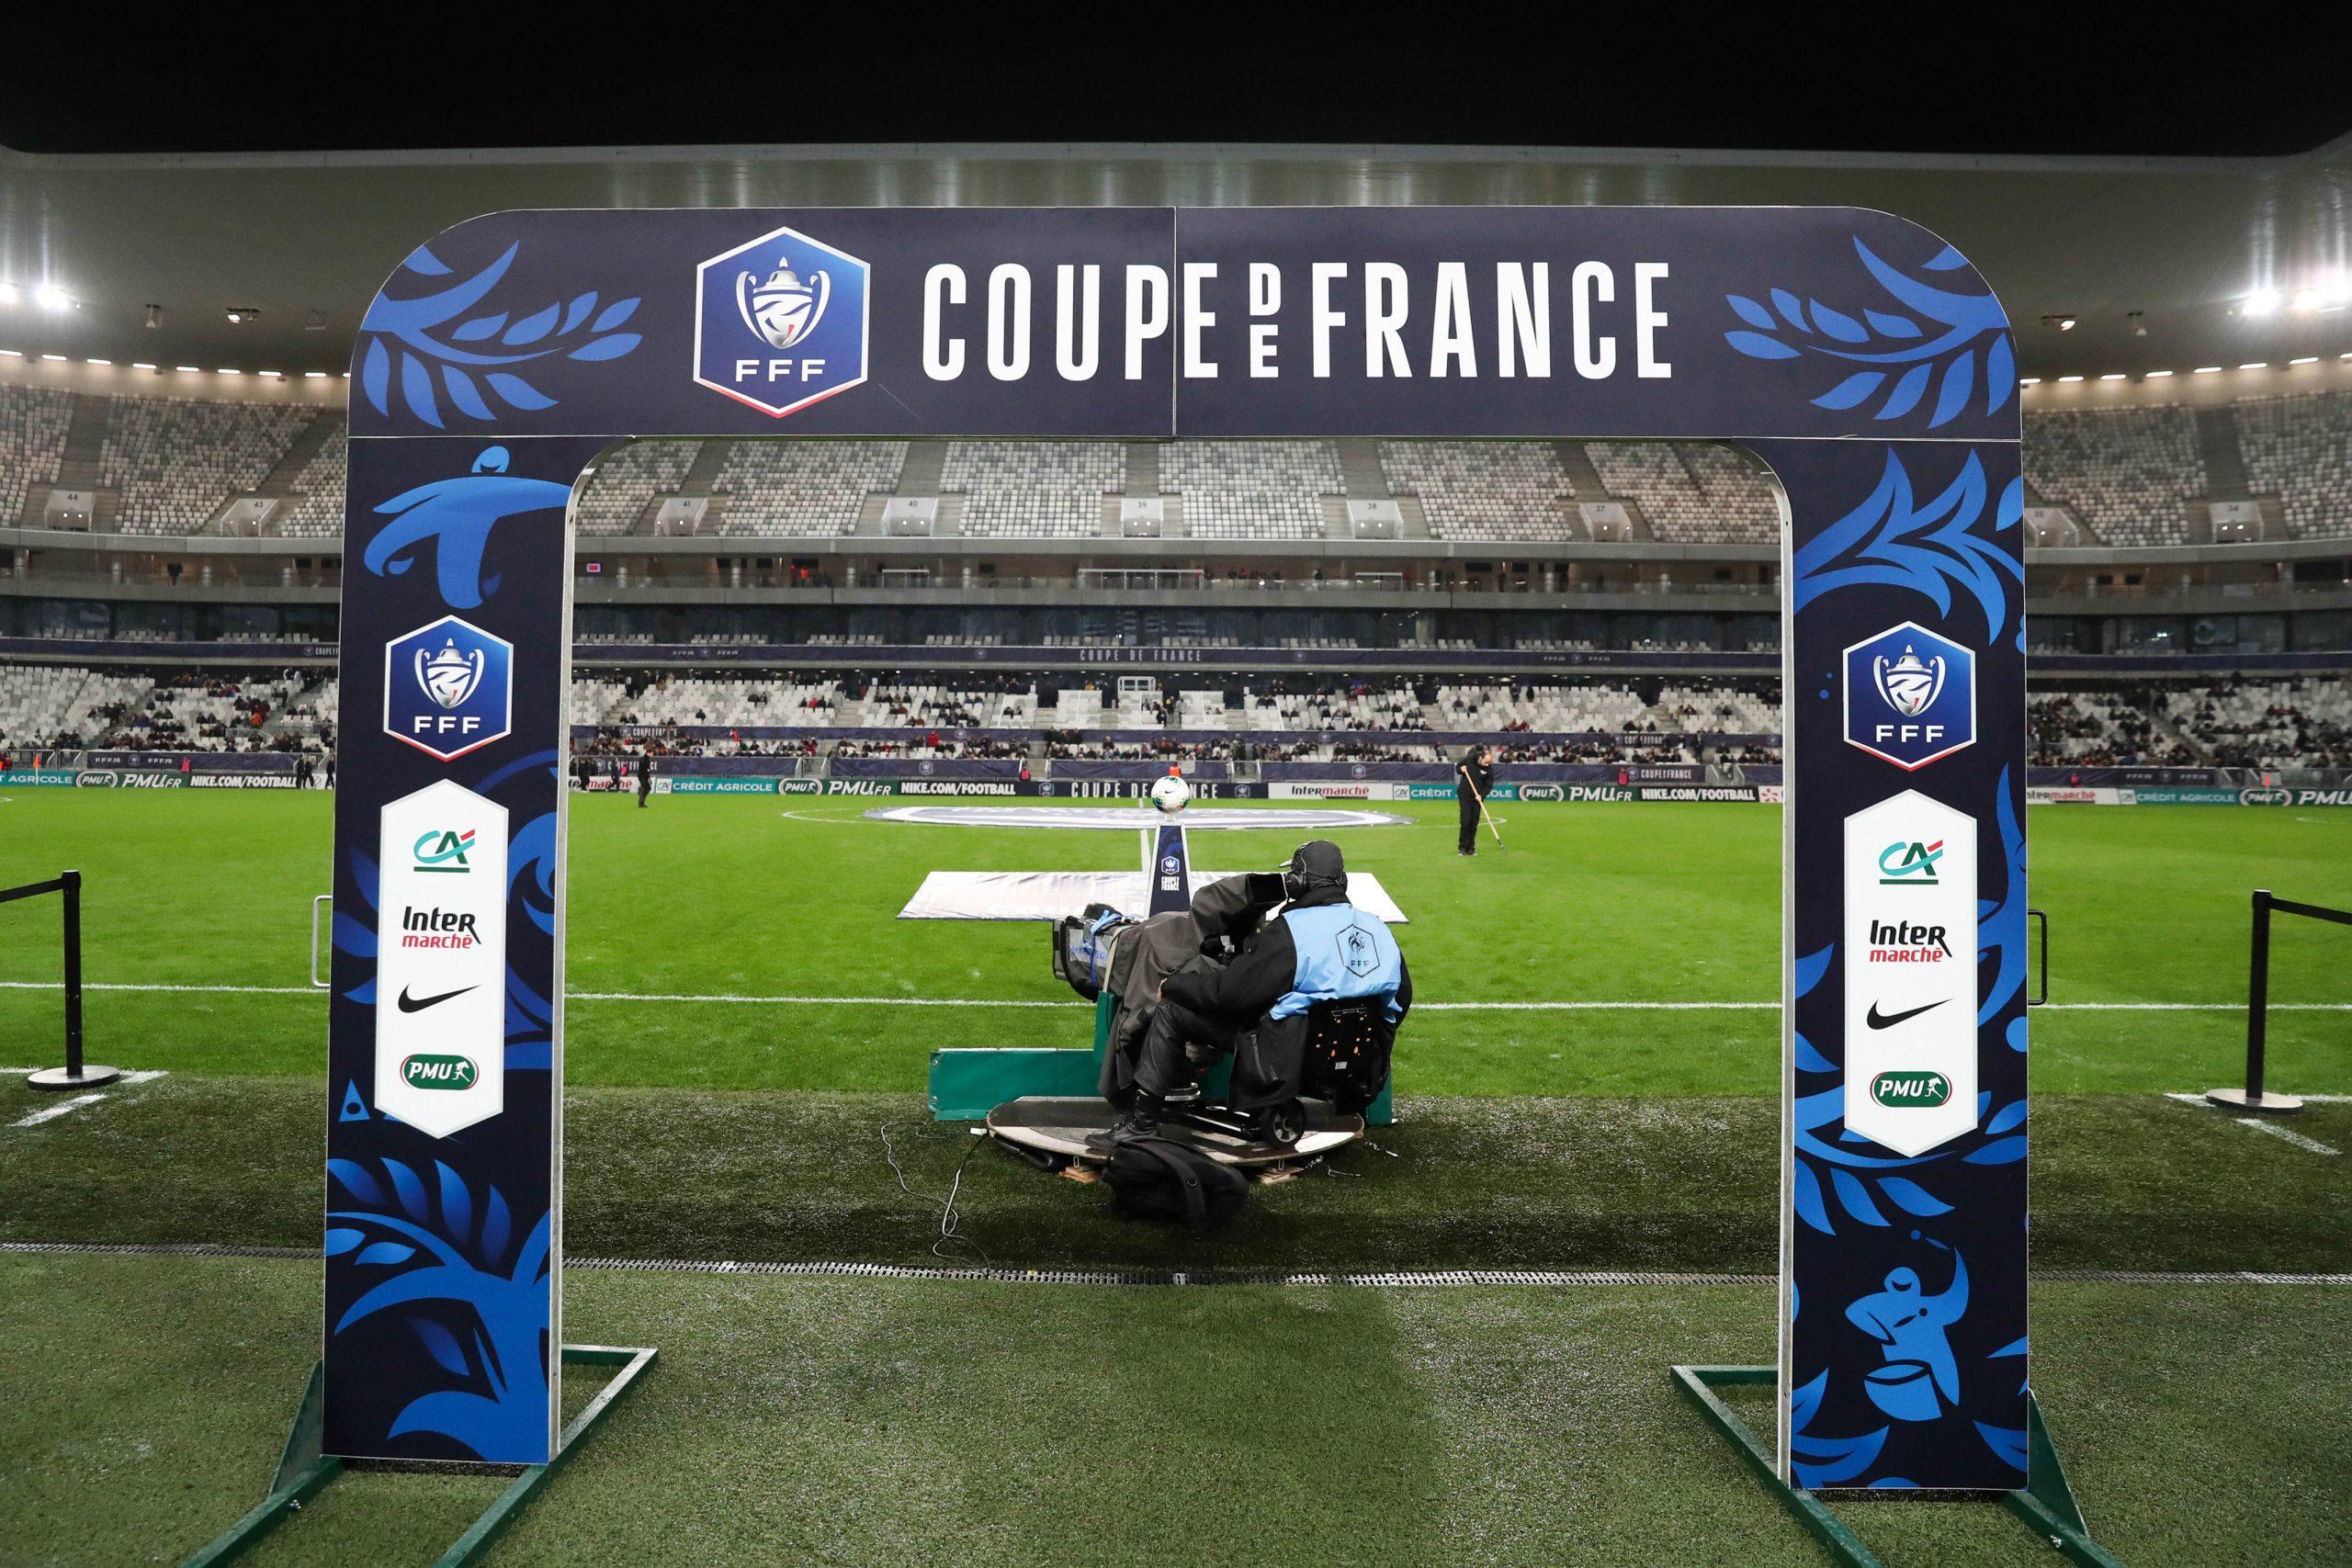 La Coupe de France 2020-2021 devrait être jouée, mais avec un format exceptionnel